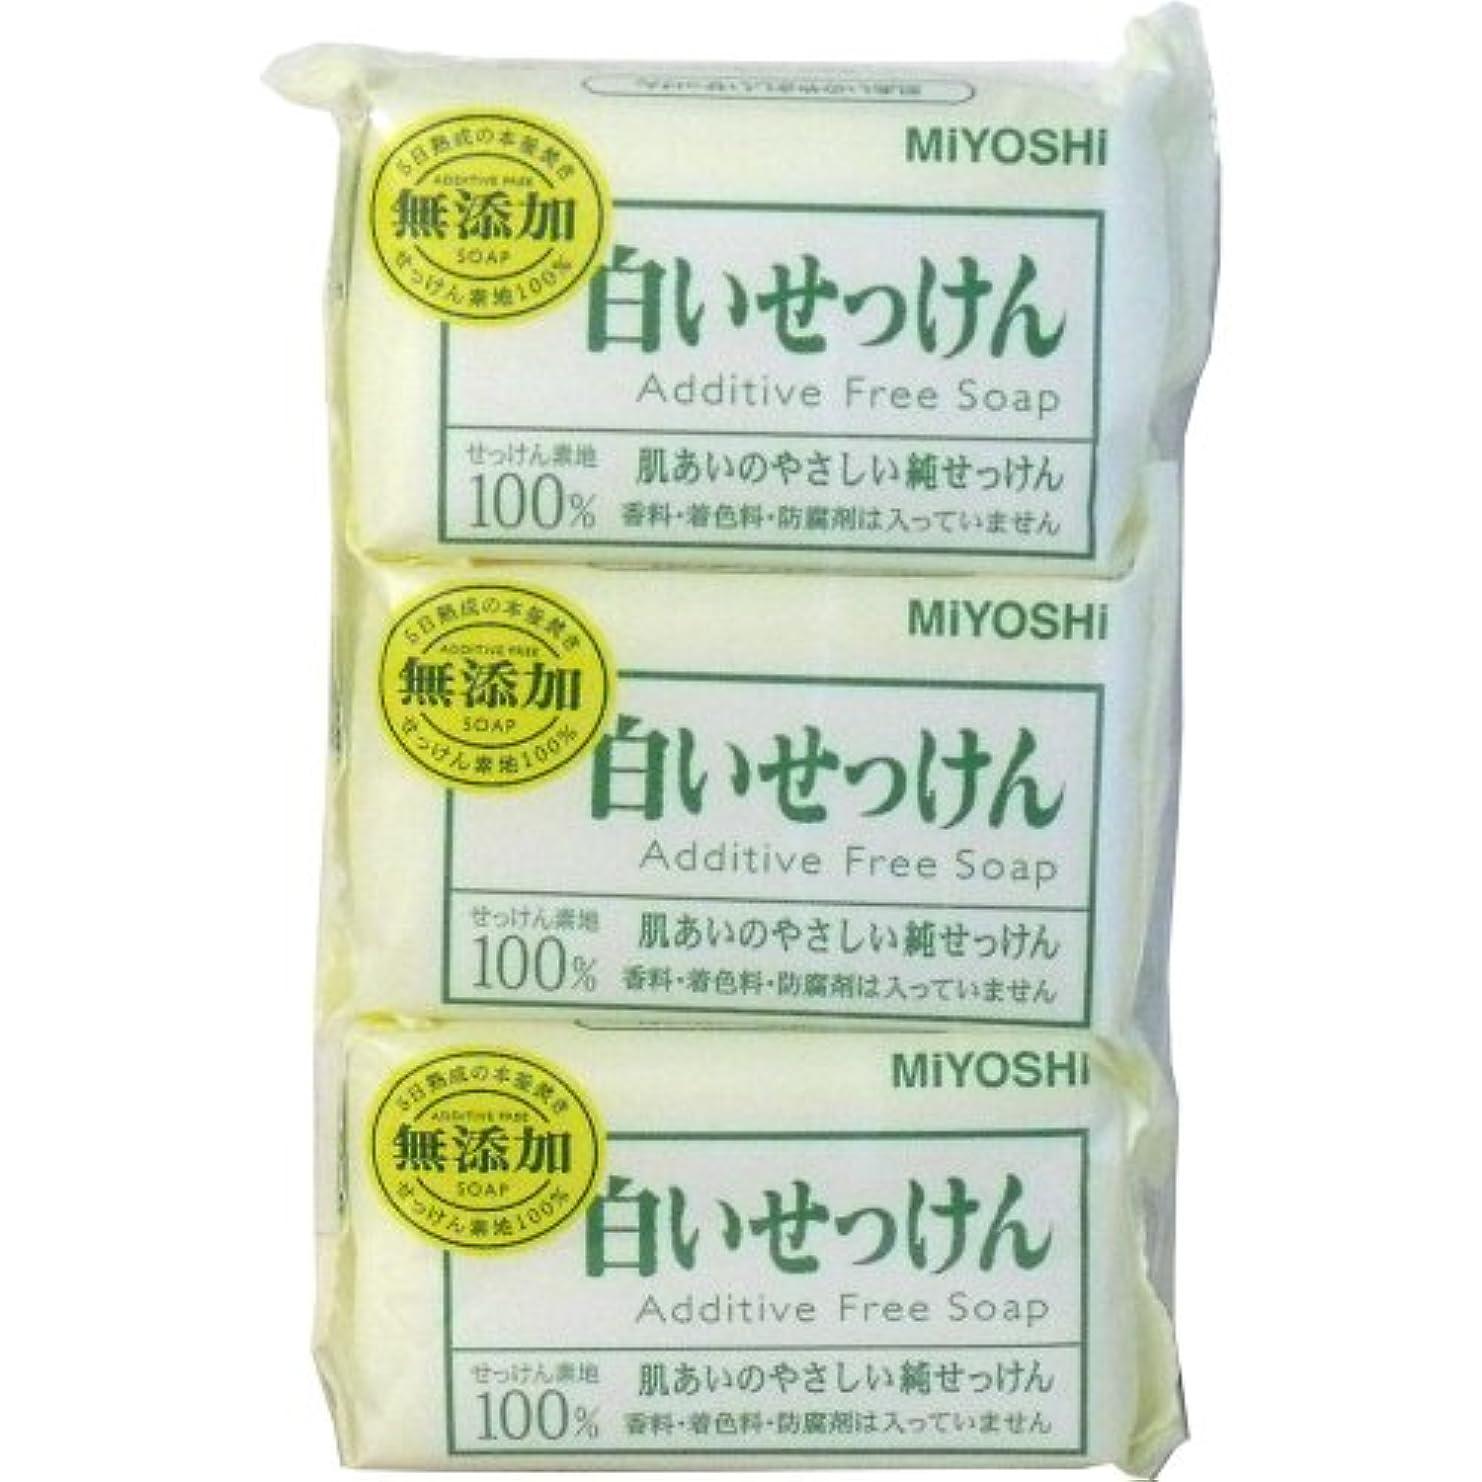 葉っぱ保持するグリーンバックミヨシ 無添加 白いせっけん 108g×3個 ×3個セット